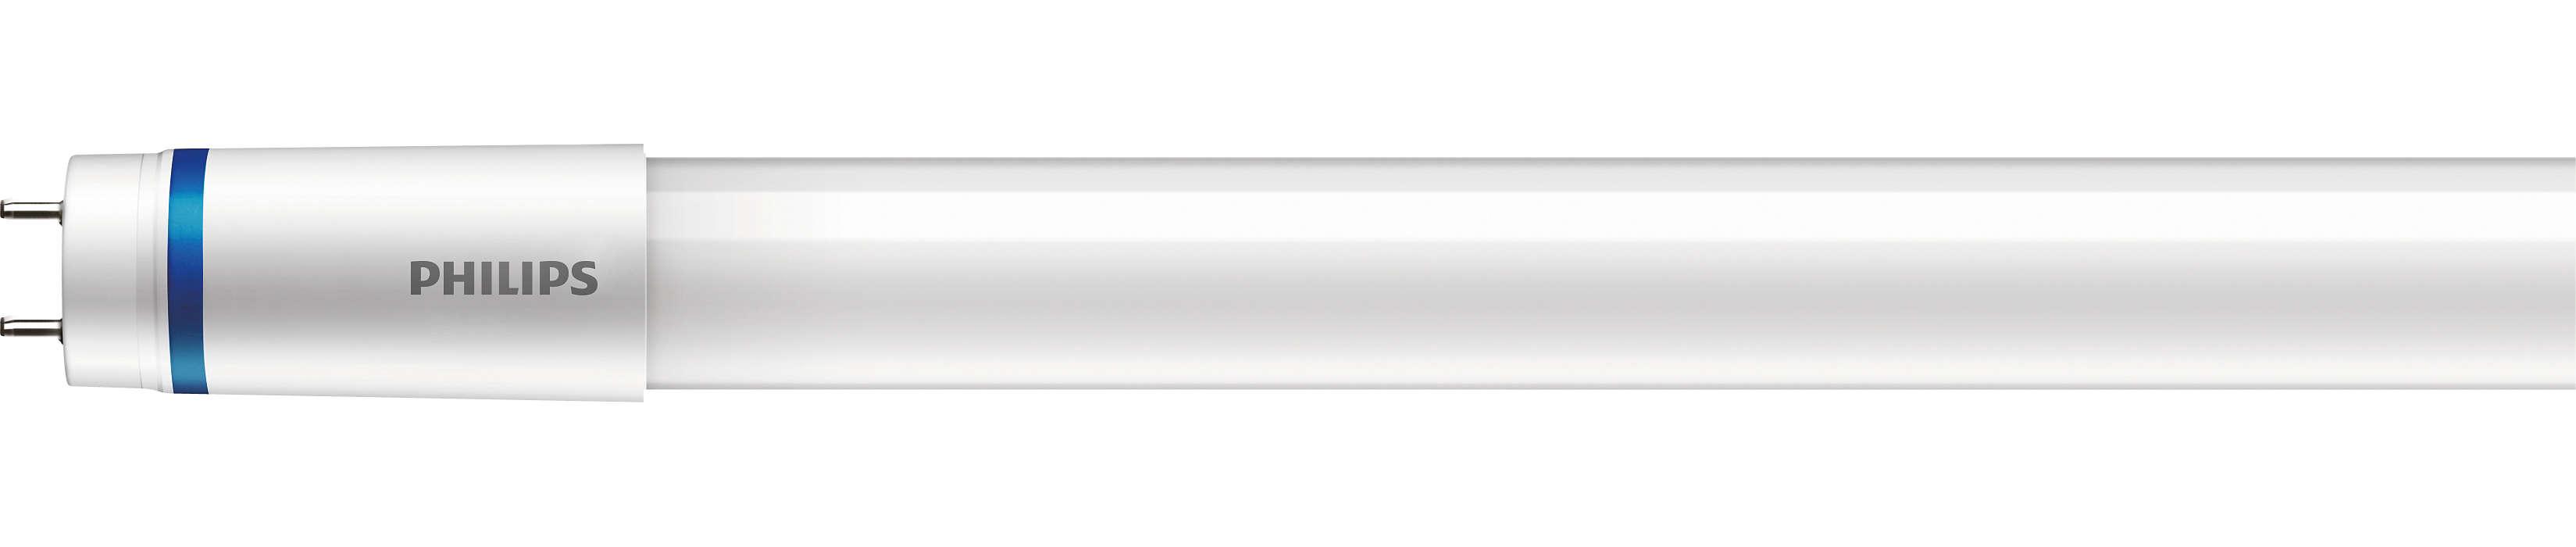 La nueva generación de iluminación con tubos de menor consumo